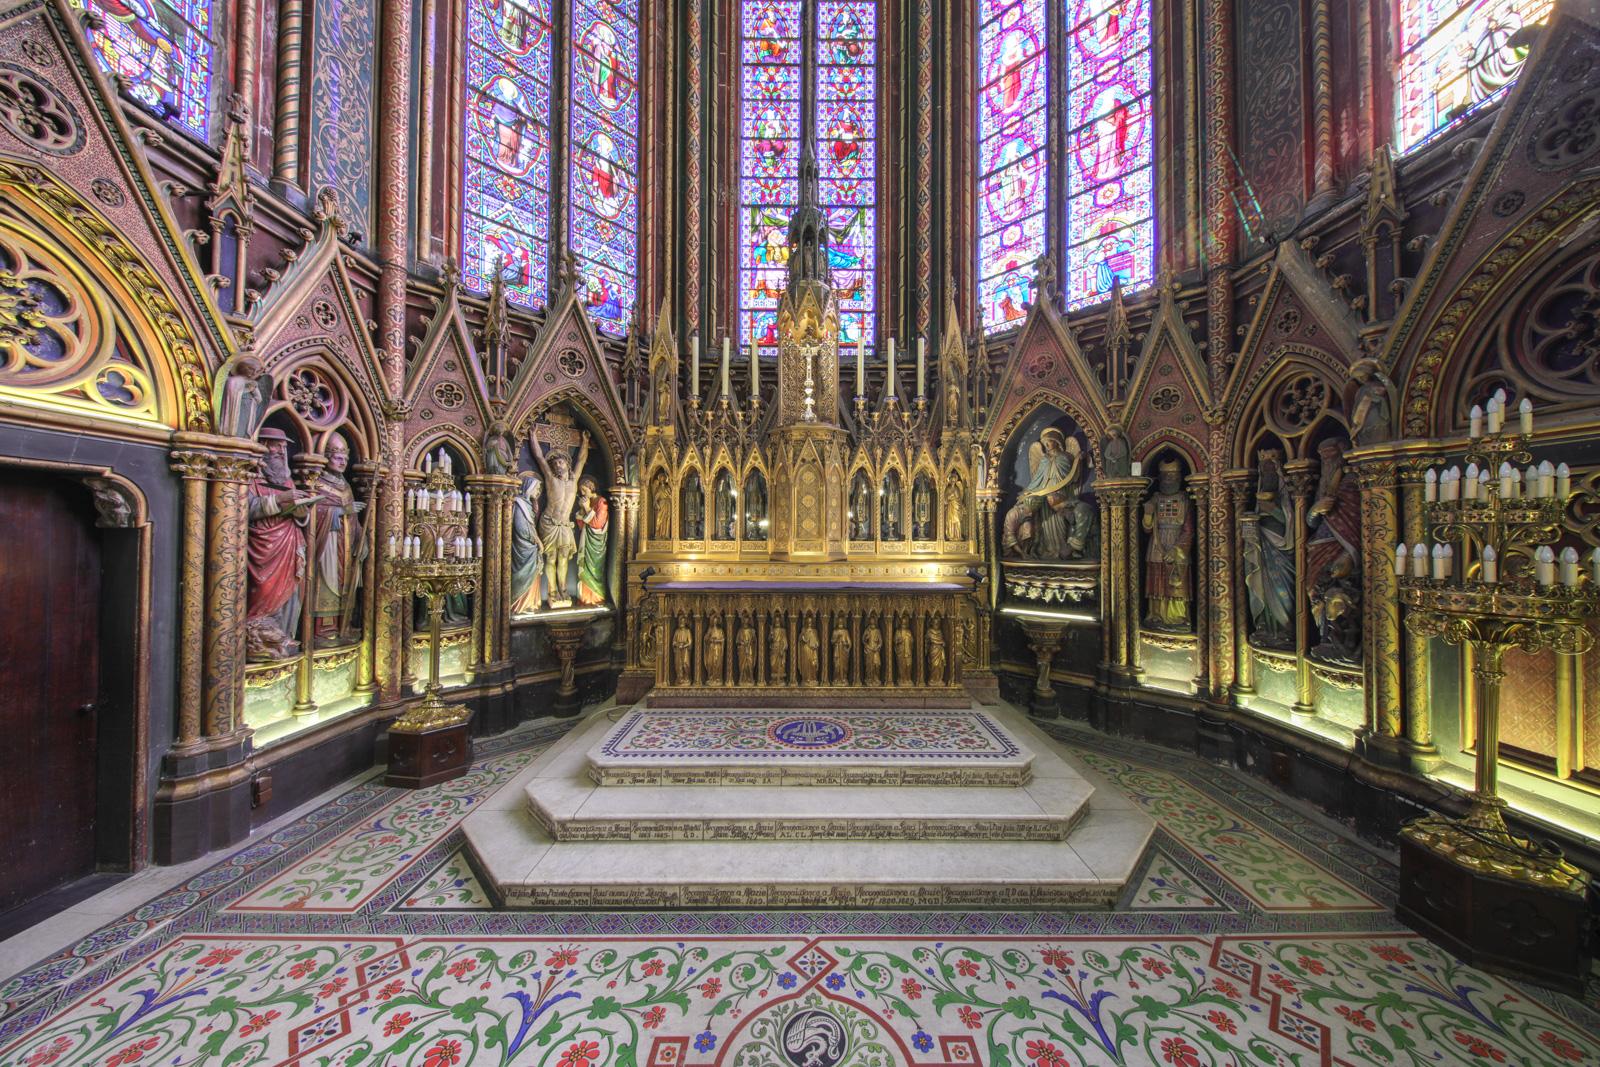 Sanctuaire richement décoré par ses vitraux et ses statues